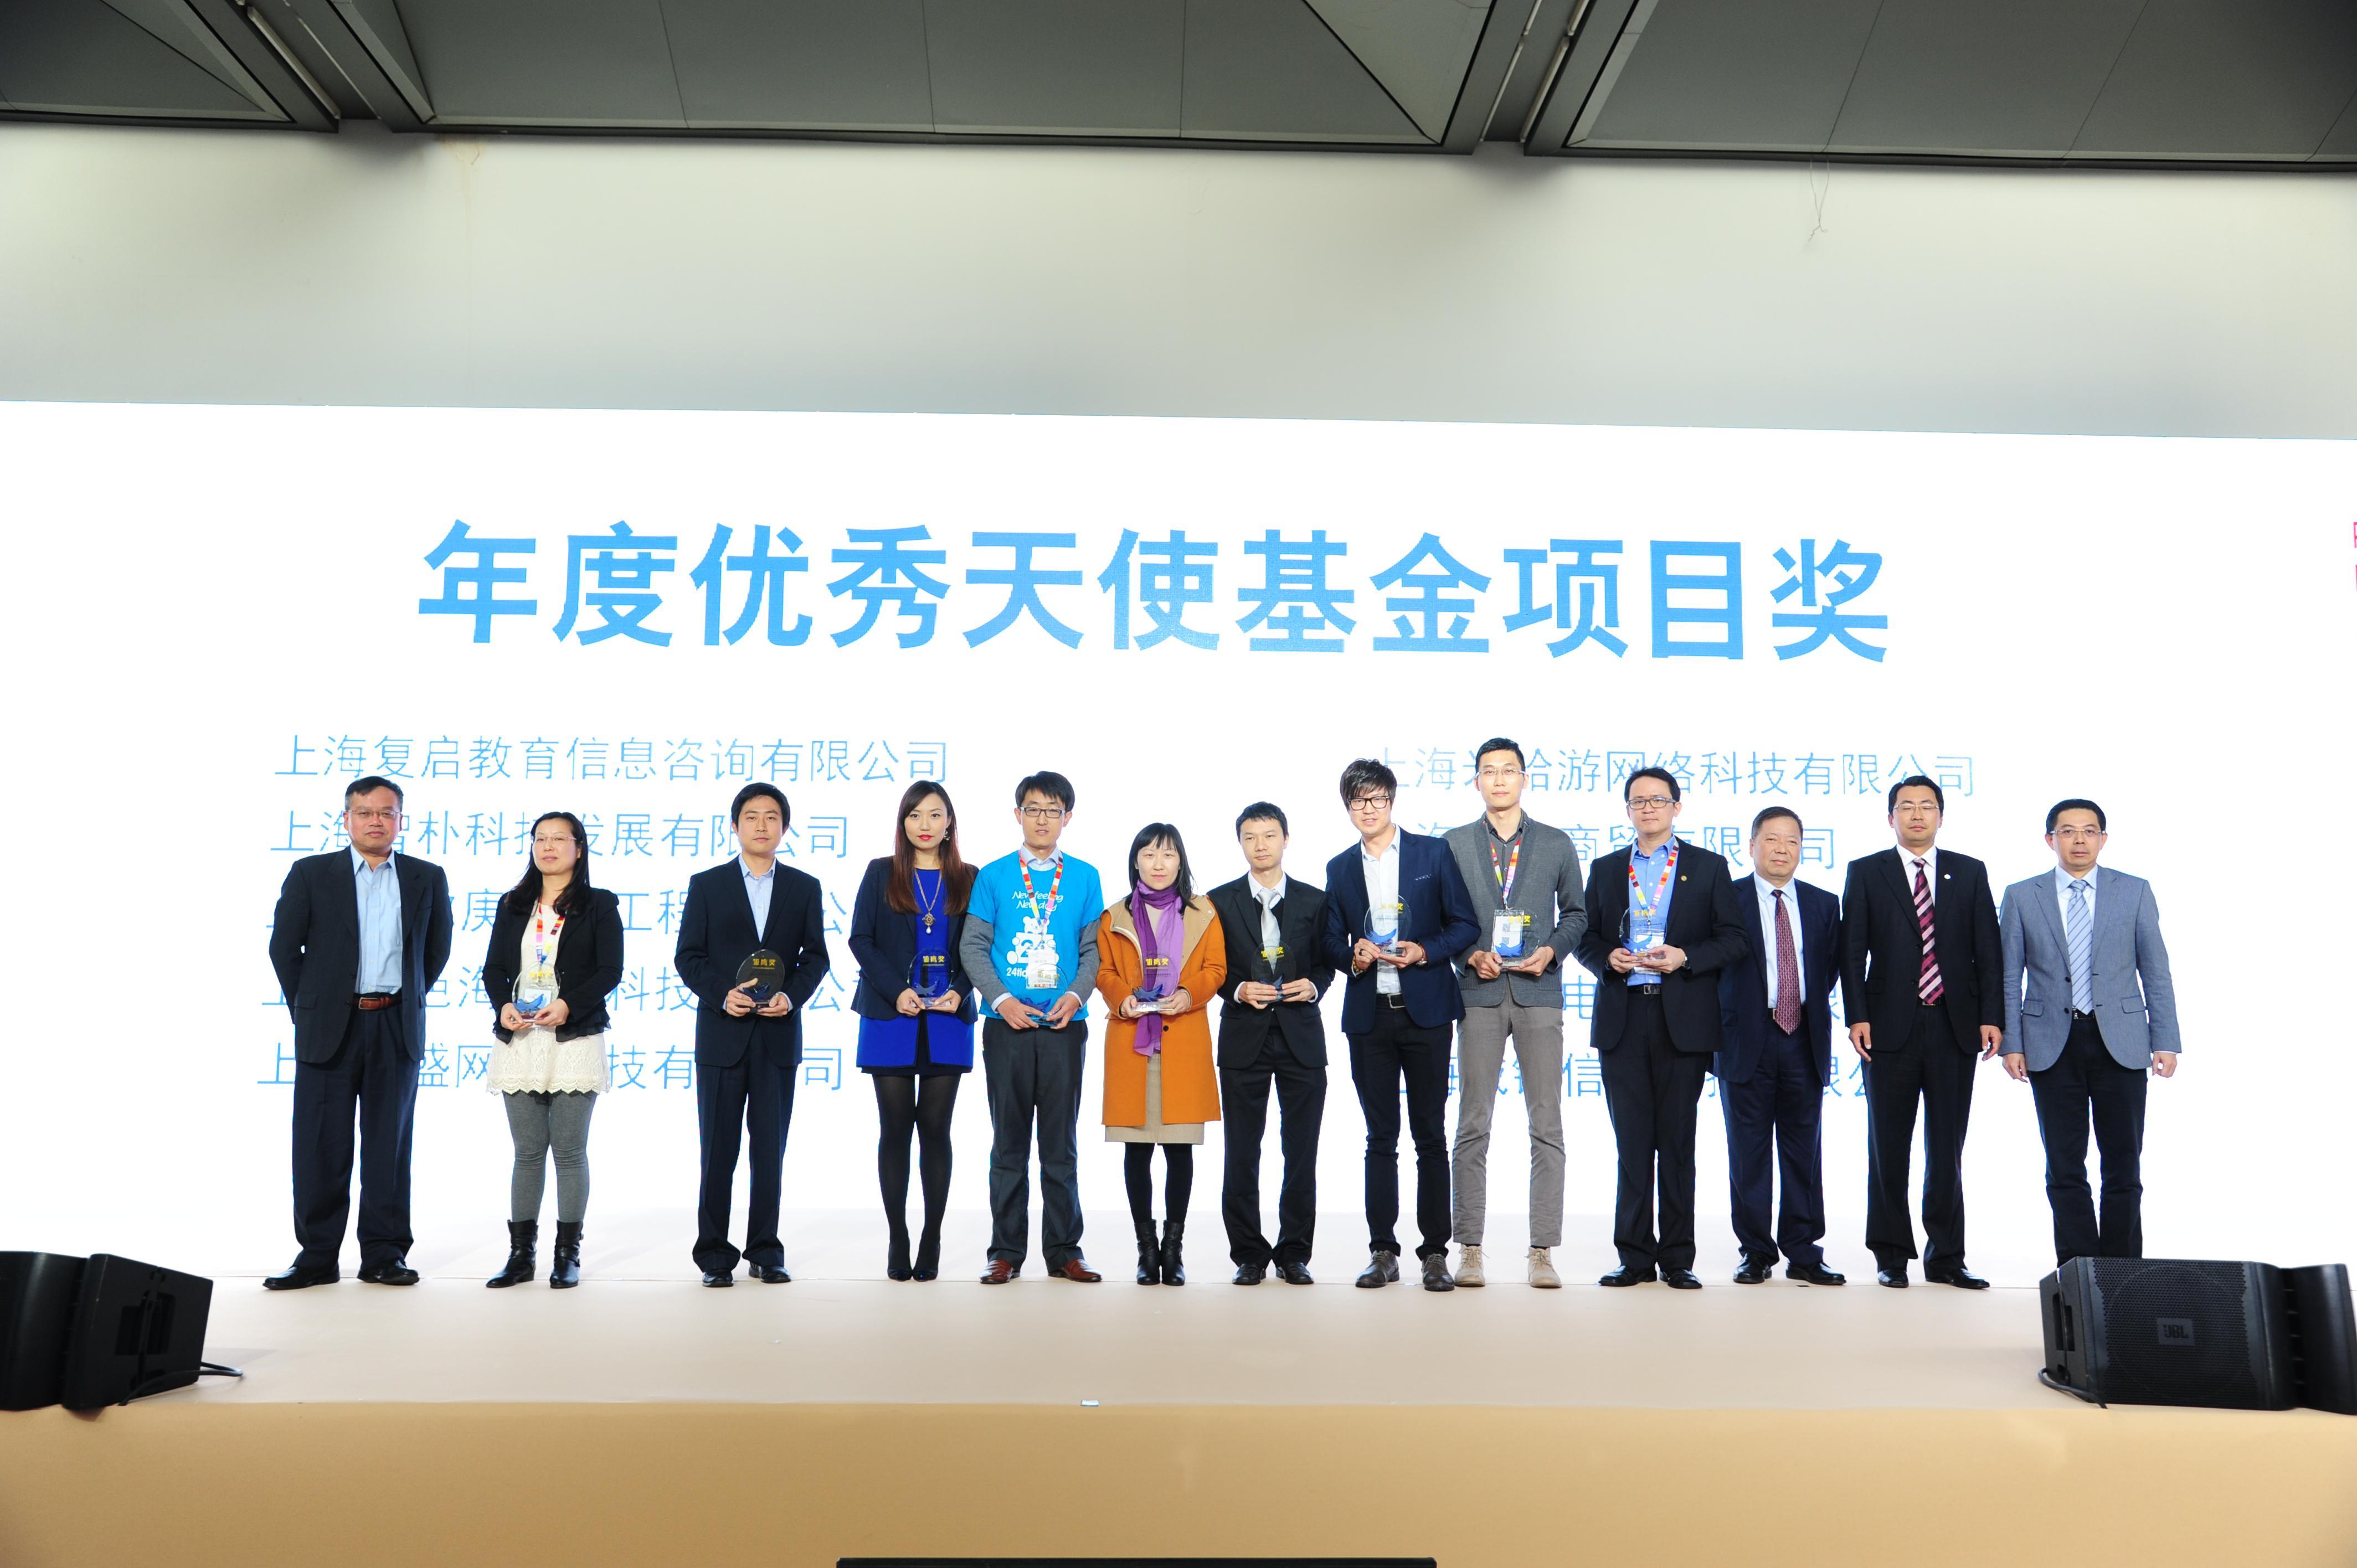 """""""全球创业周中国站8成活动是众筹而来的"""